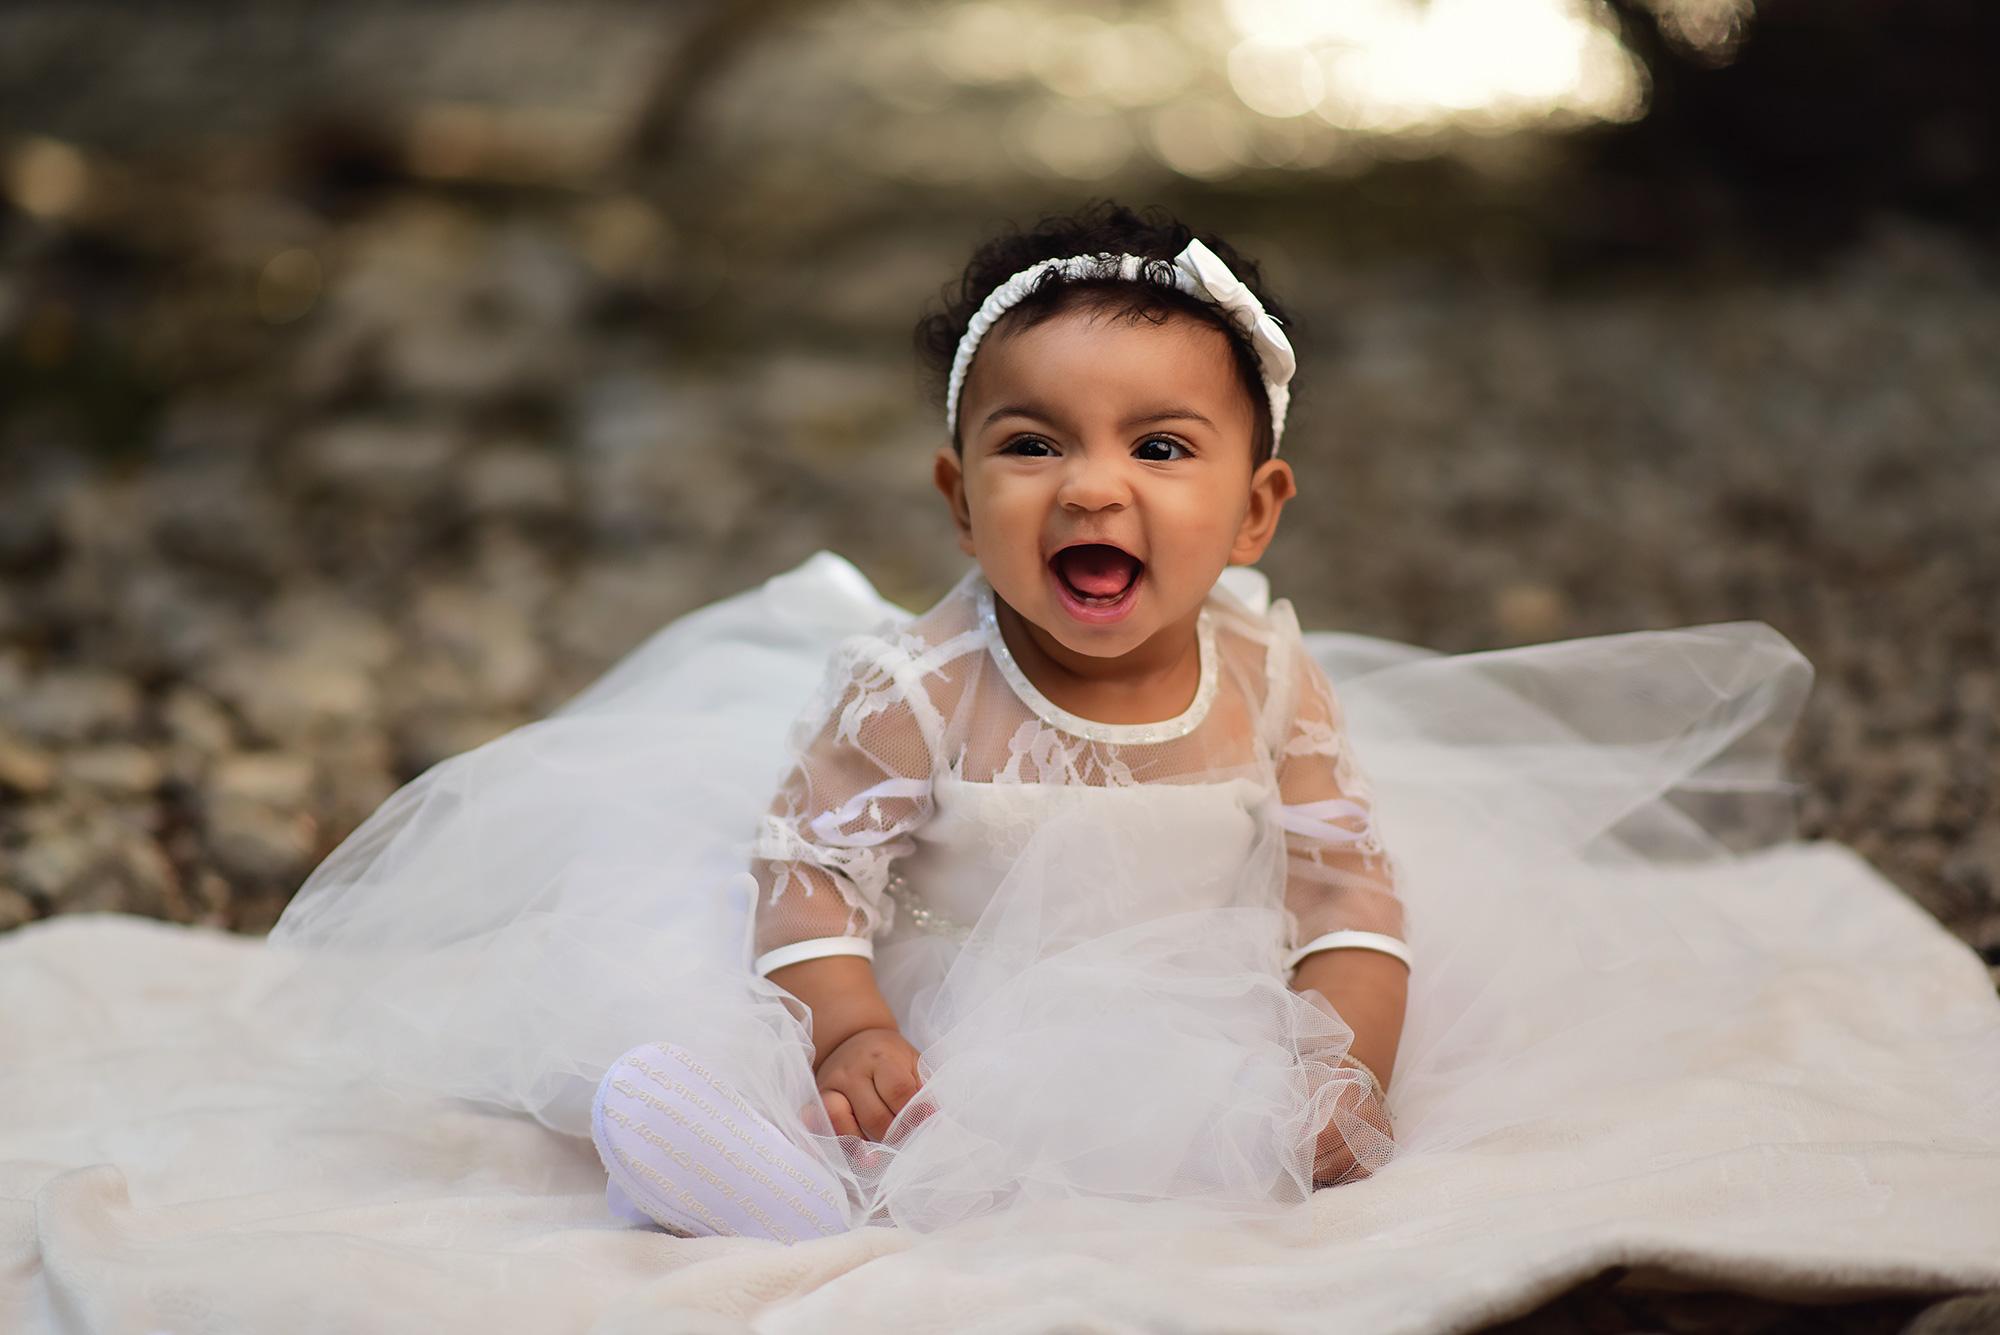 https://bworthyphotography.smugmug.com/BW-Website-Family-Session/Khaleesi-Pre-Baptism-Photos